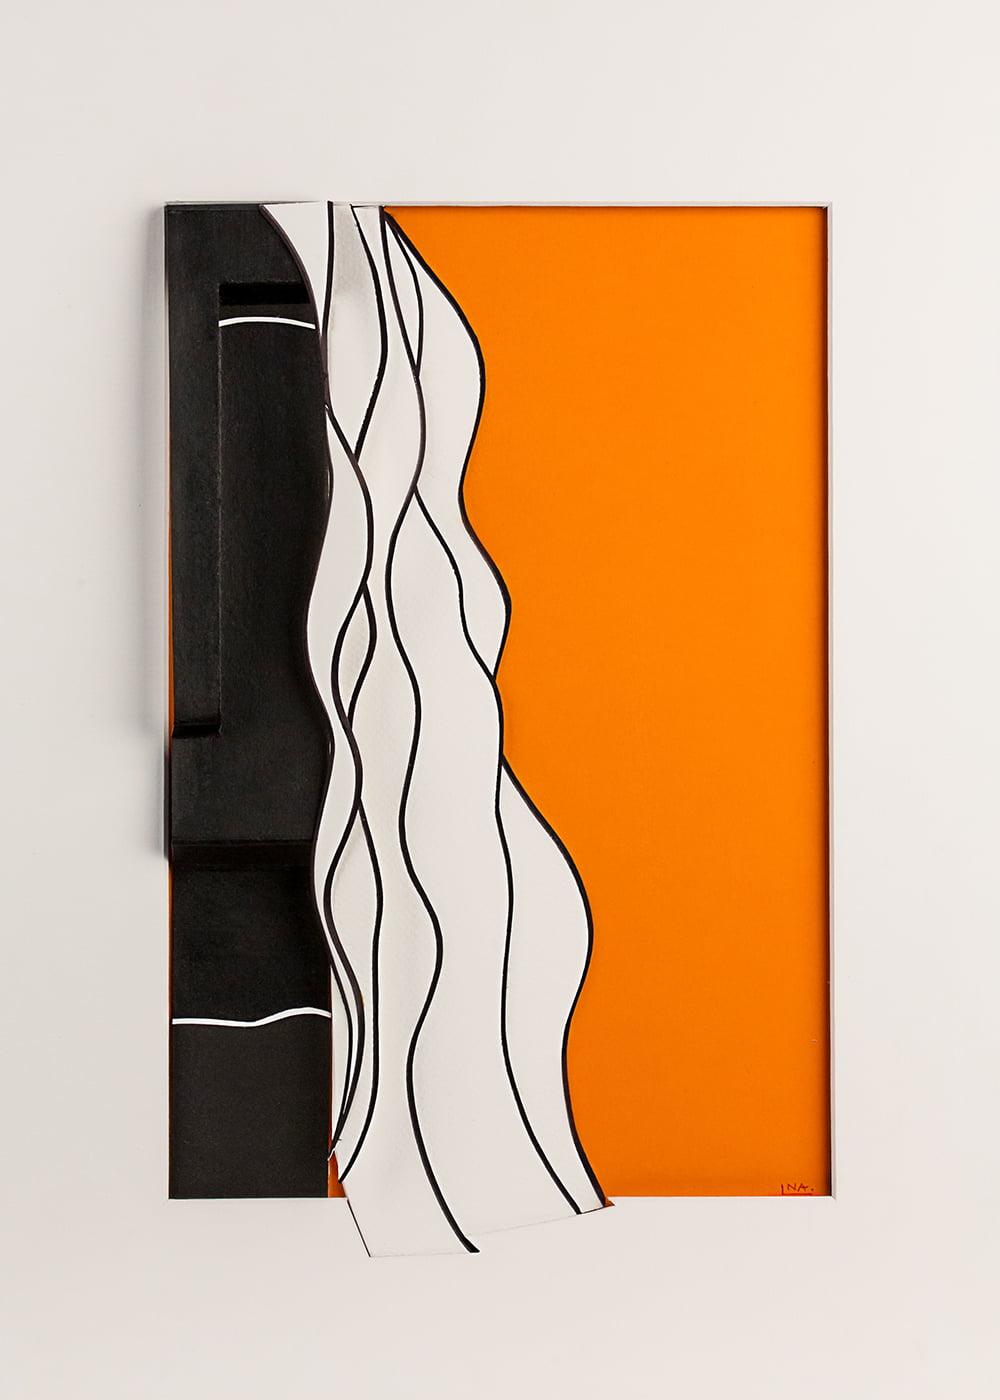 Nanou Autin, Volumes, Orange, Papiers pliés, encre de chine 35 X 24cm - 2015